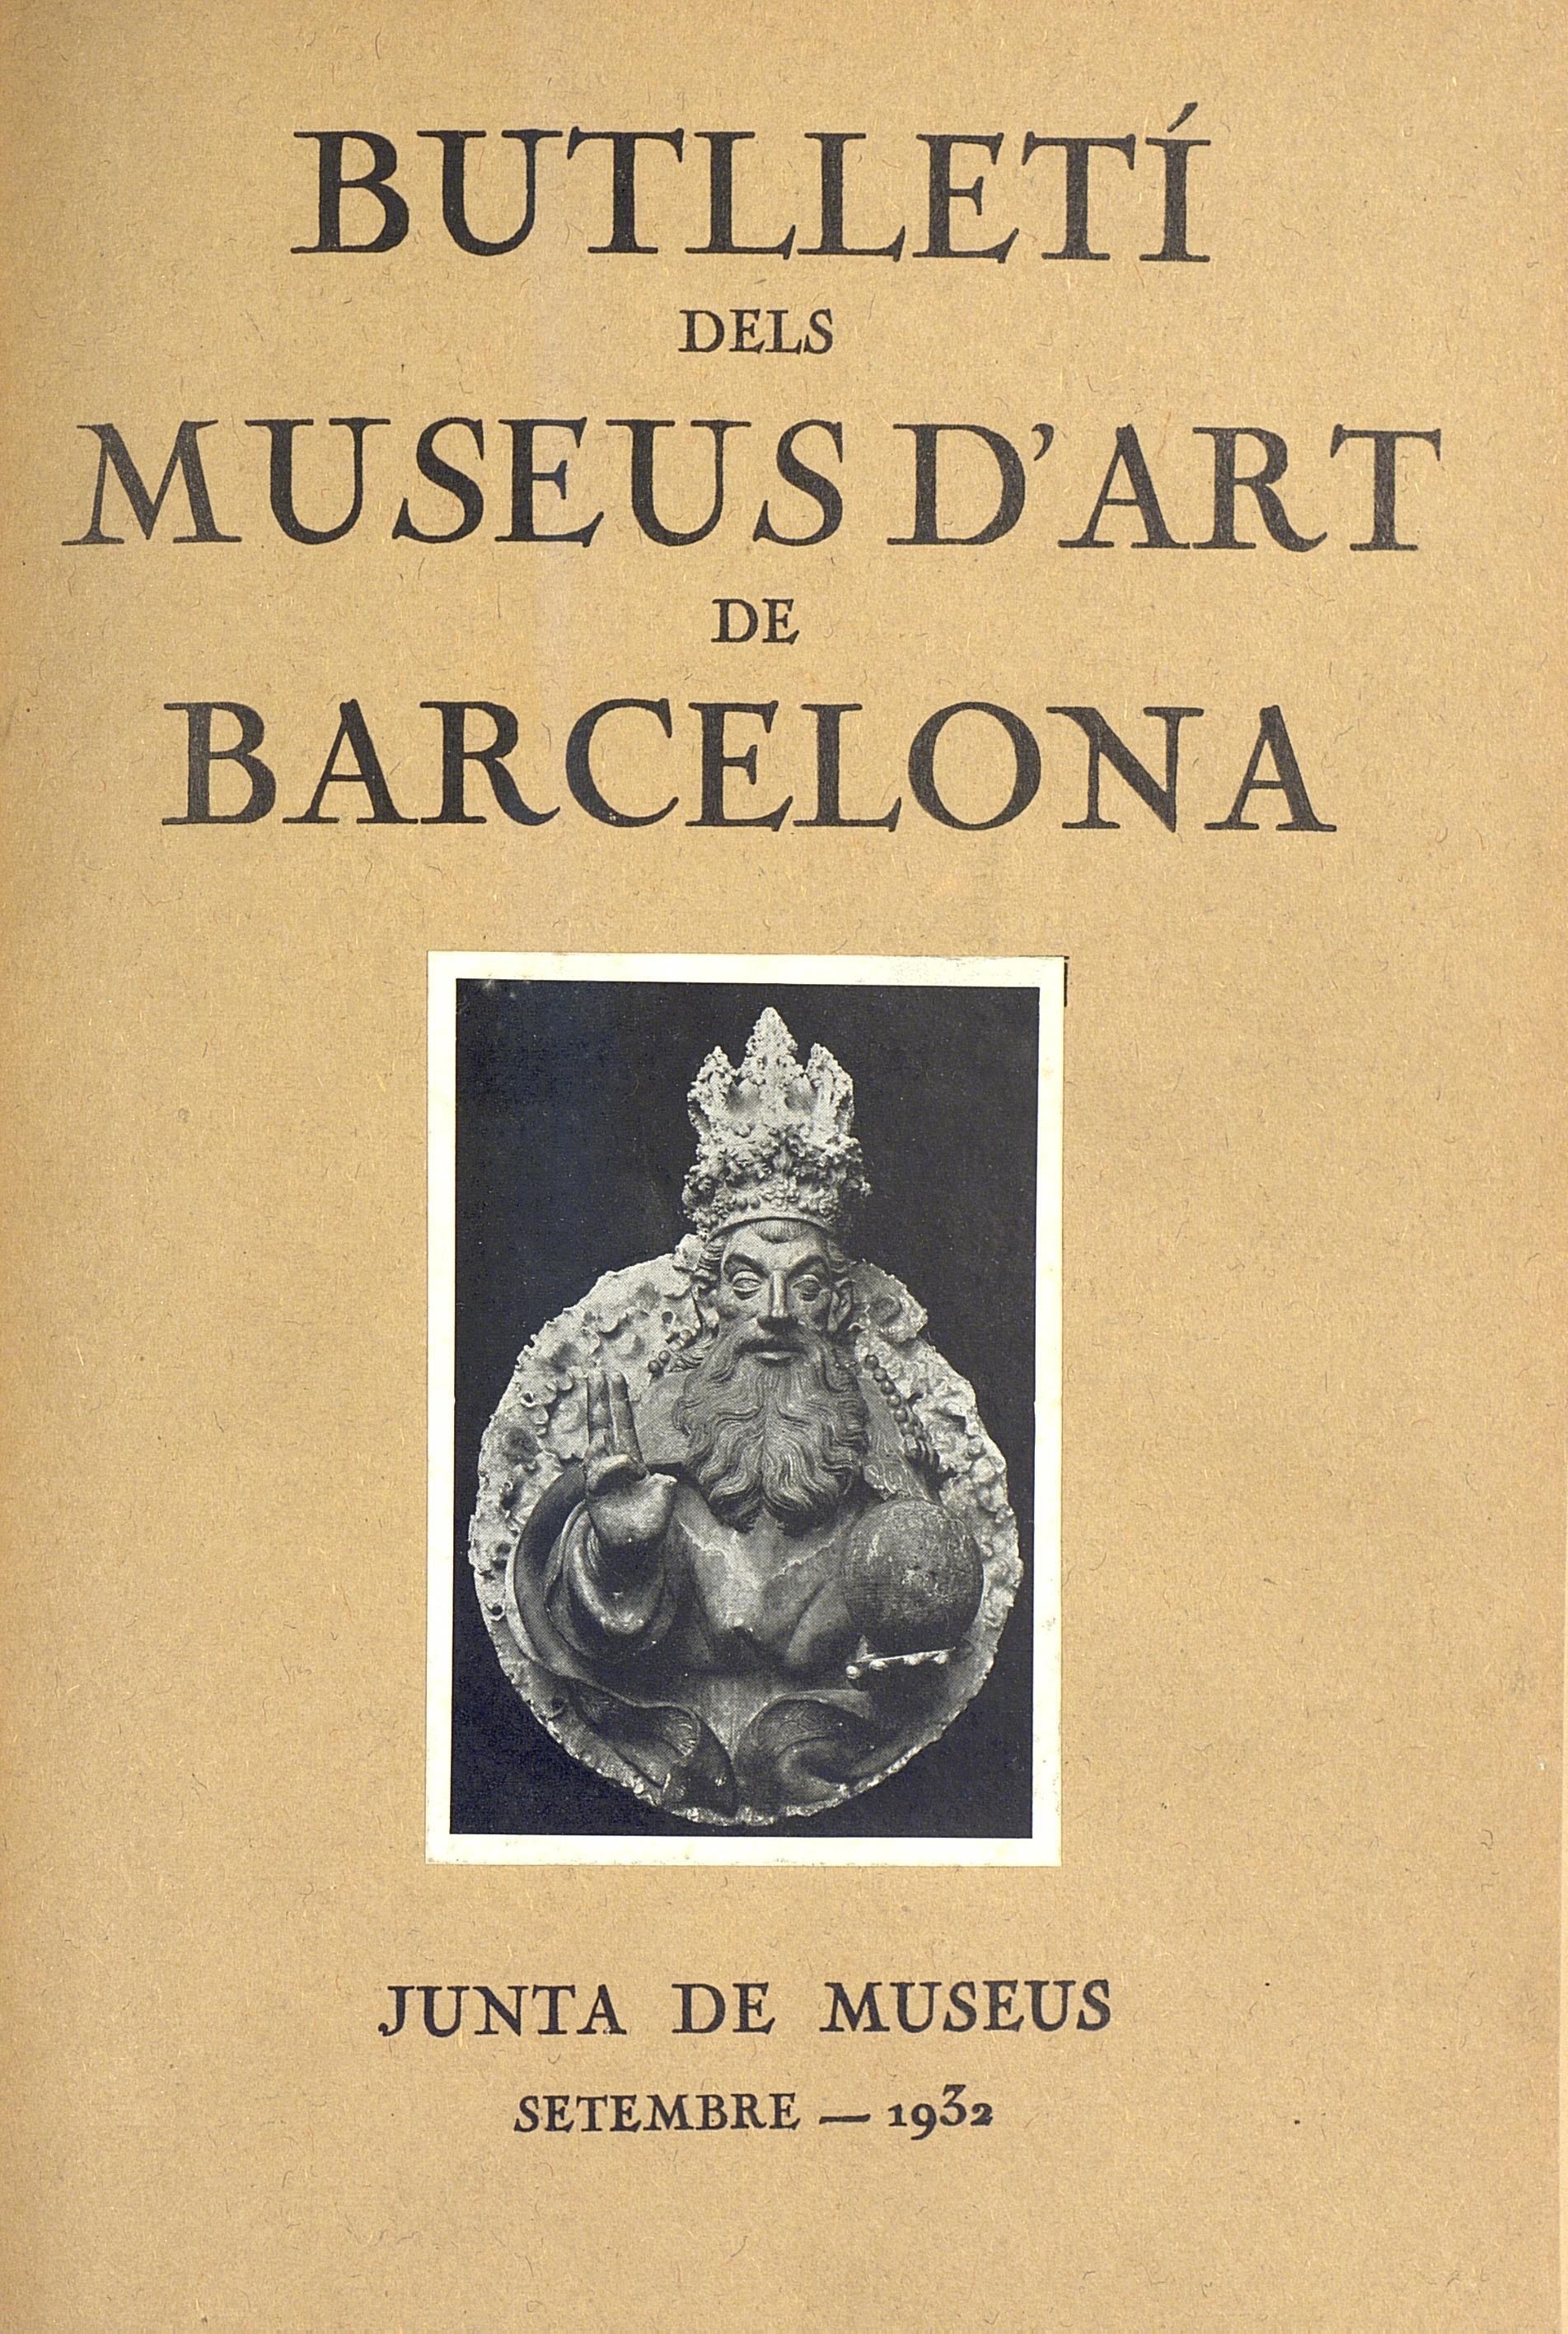 Vol. 2, núm. 16 (setembre 1932)